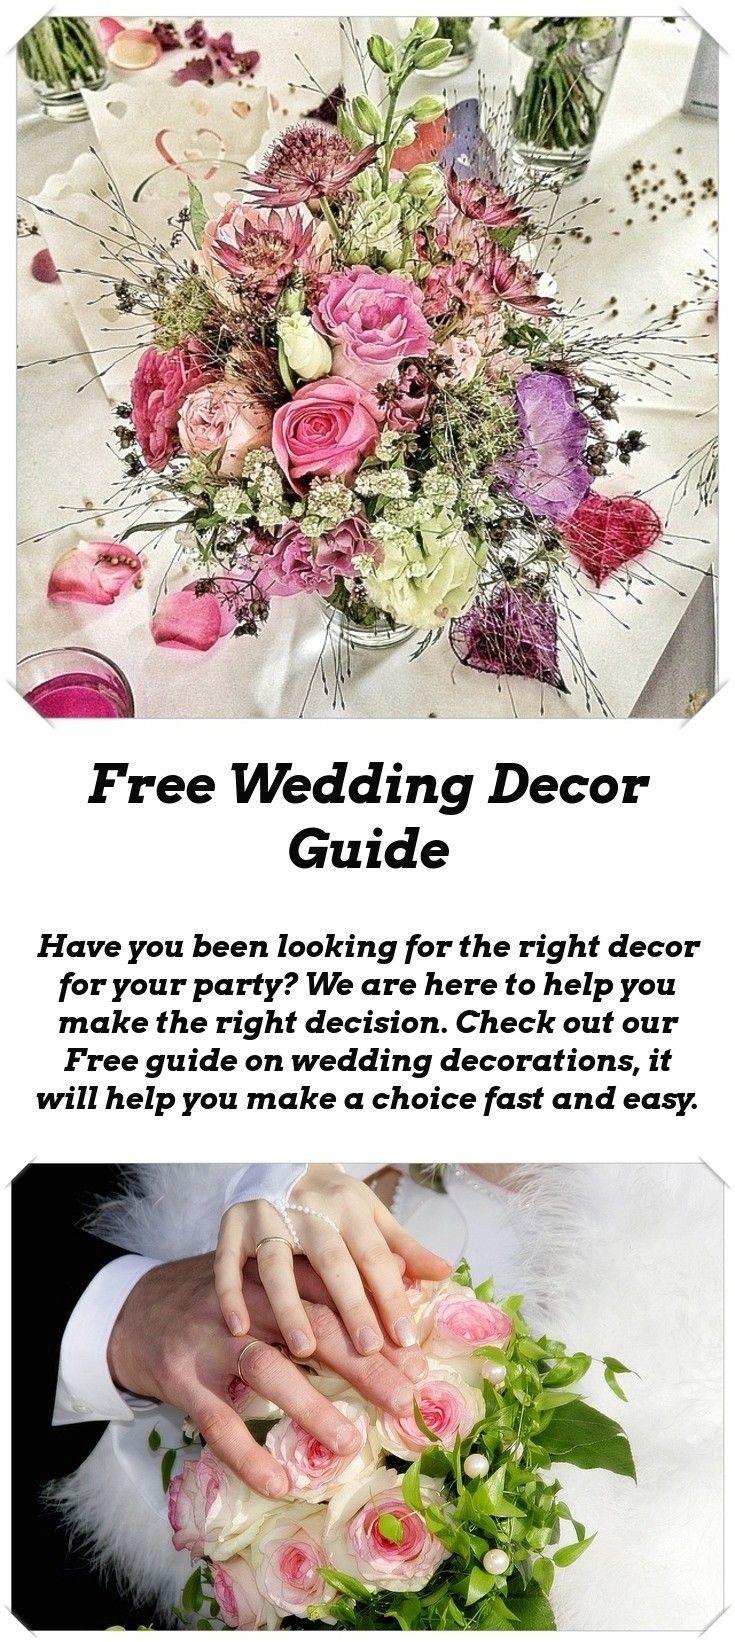 Diy elegant wedding decorations  Decoration Ideas For Your Wedding  Wedding Decor Inspiration